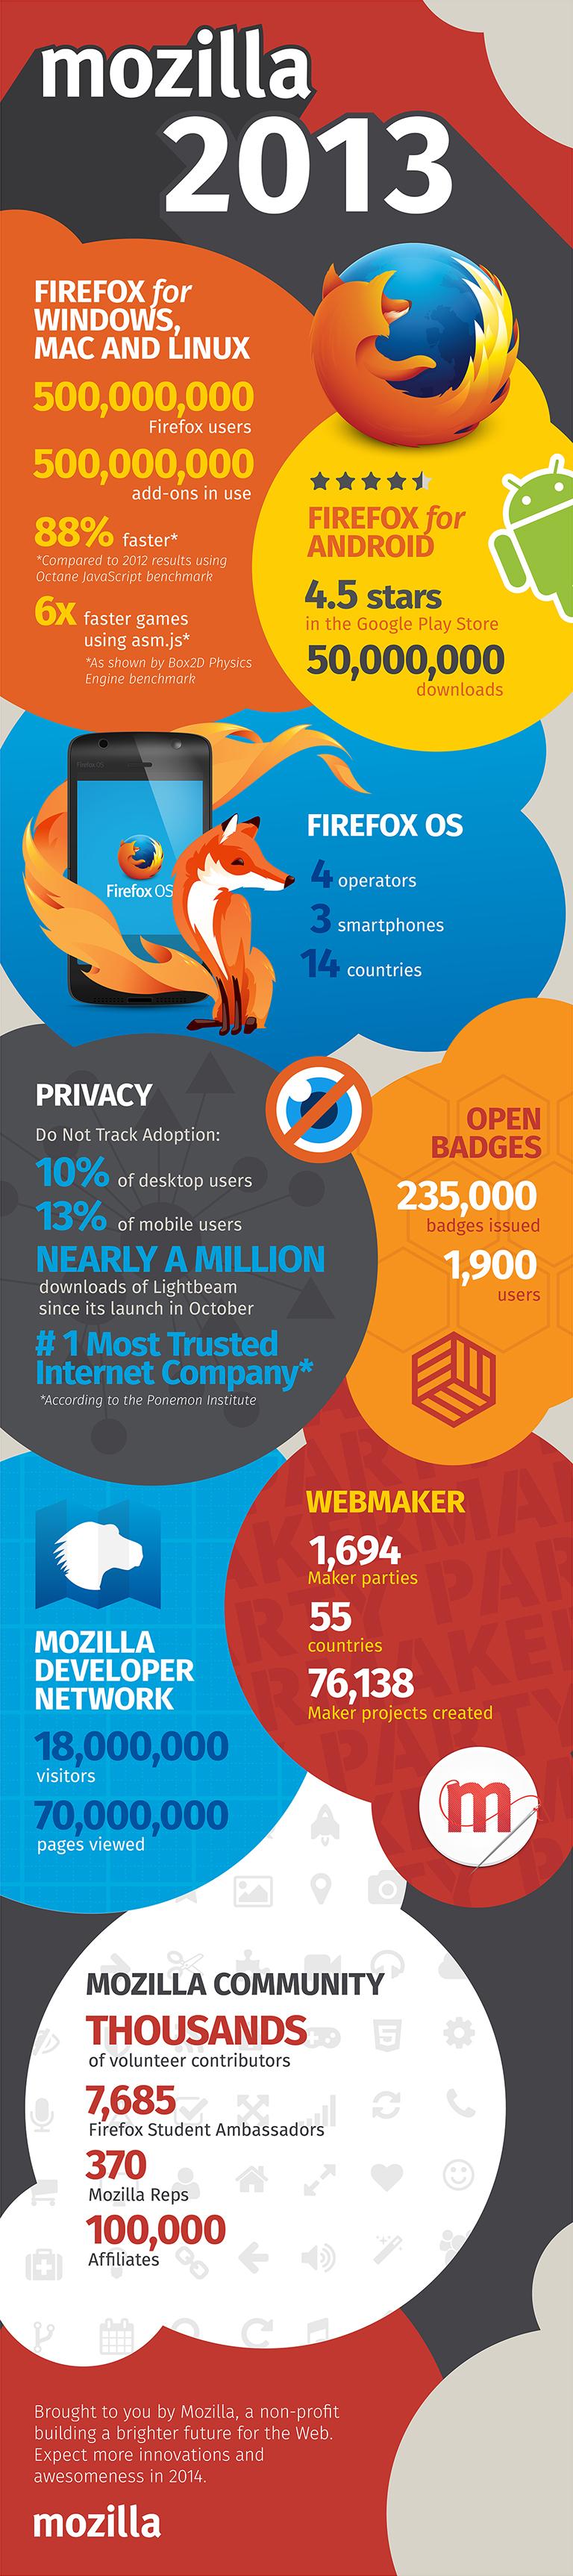 Mozilla in 2013